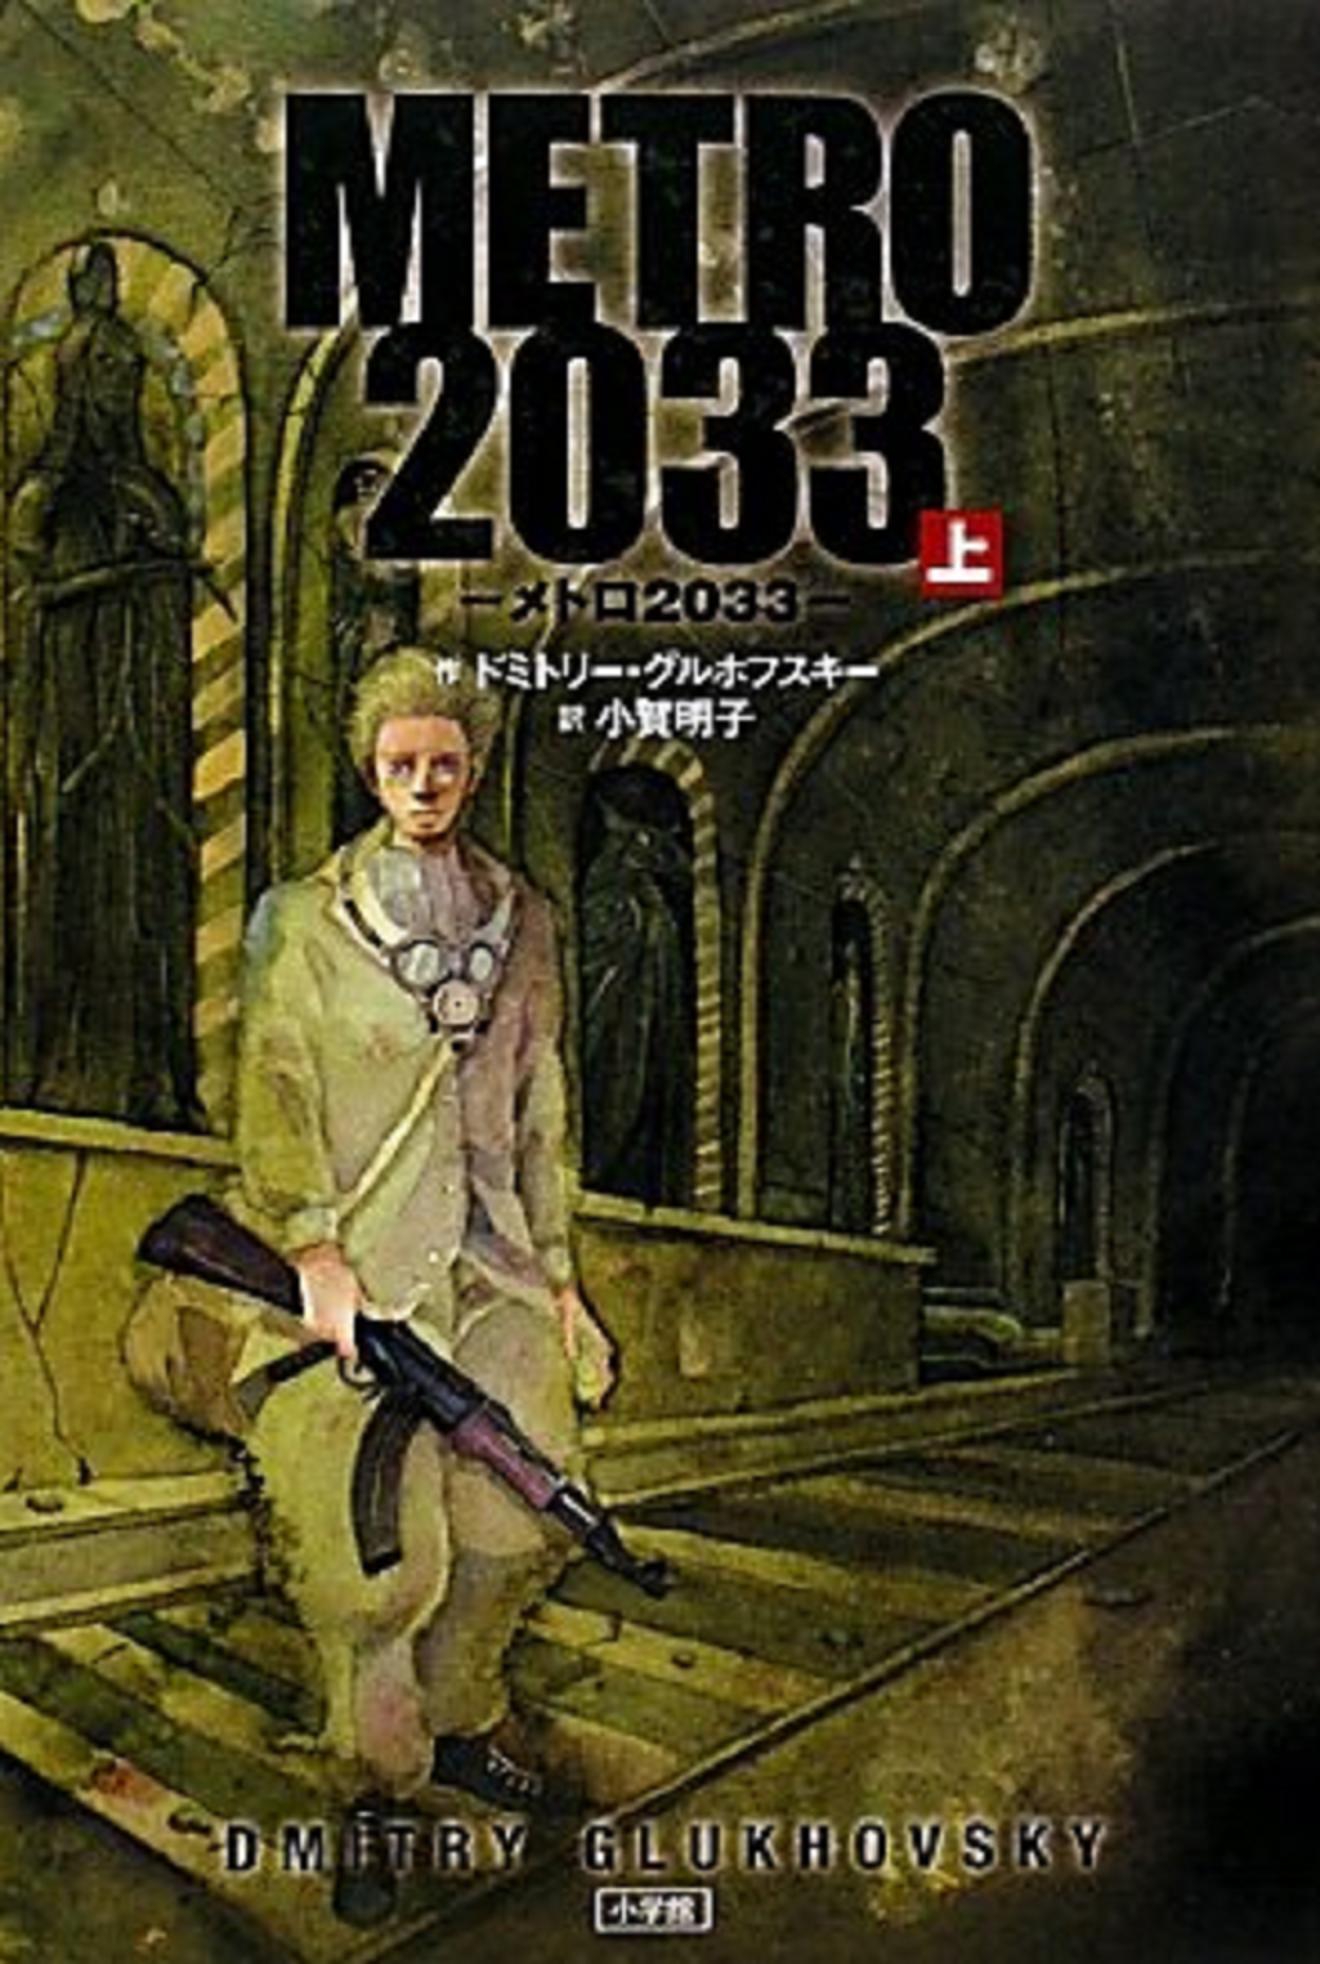 原作小説『Metro 2033』を5分で解説!3の見所をネタバレ!映画化